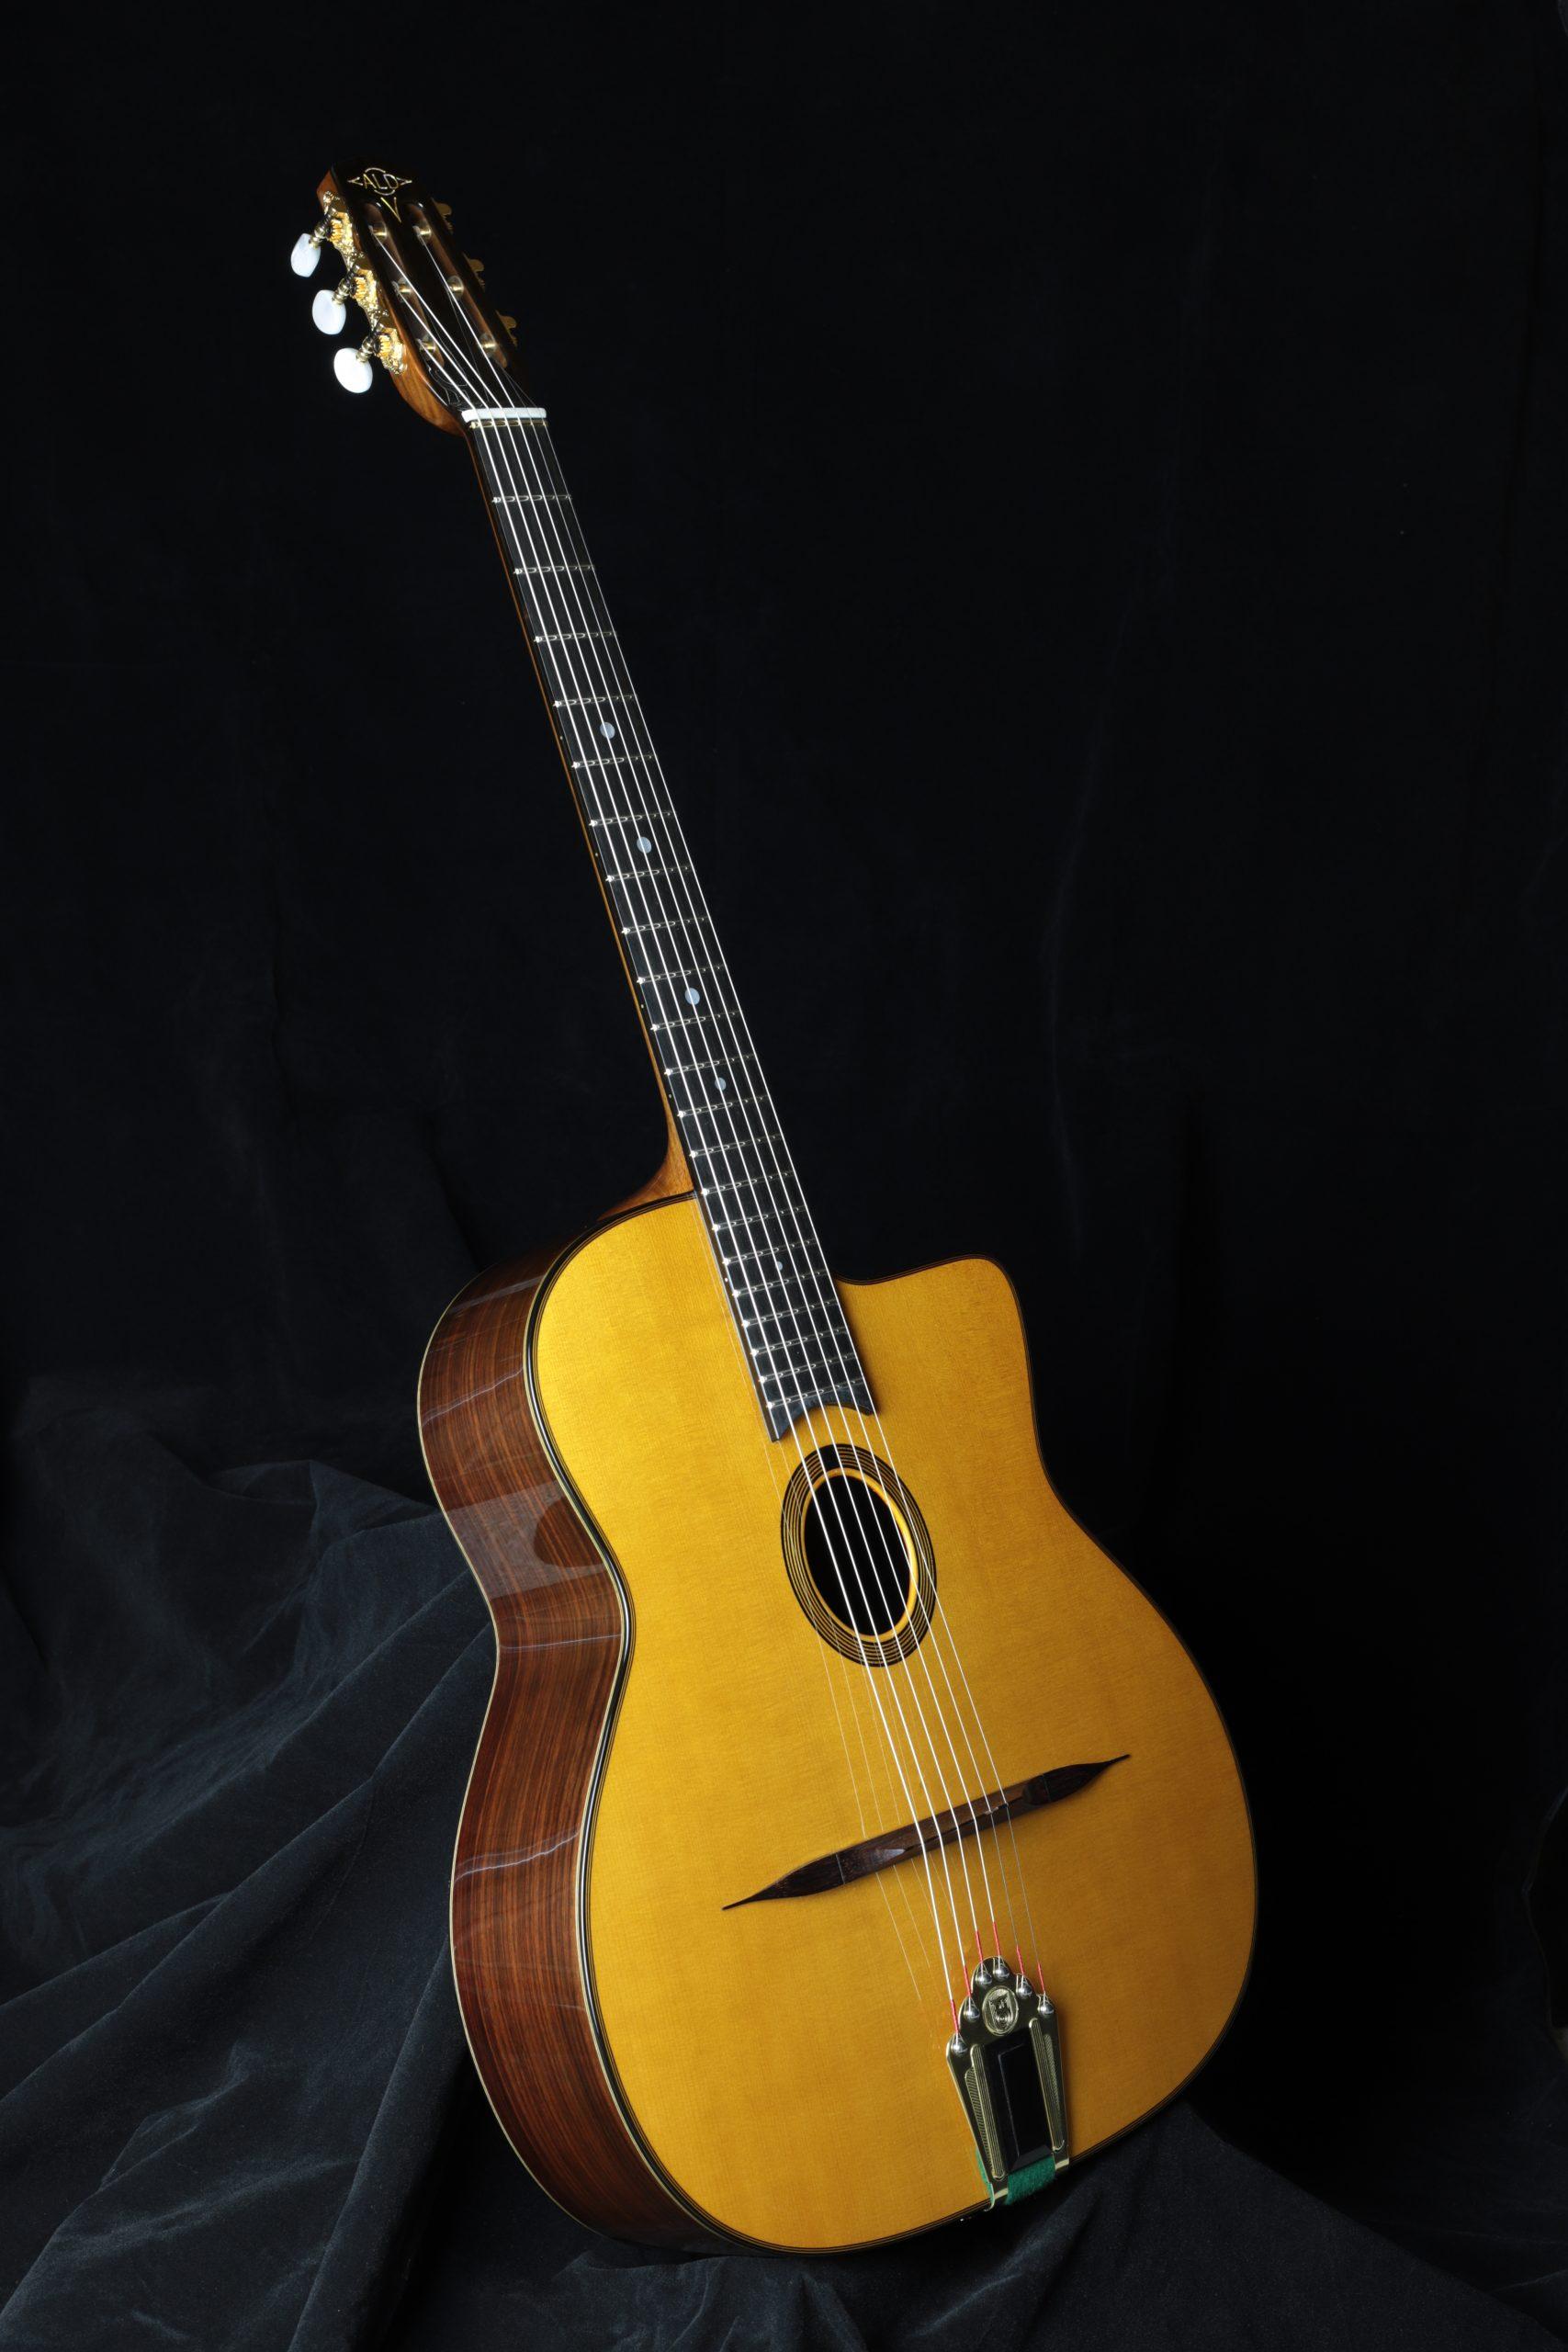 Guitare originale petite bouche